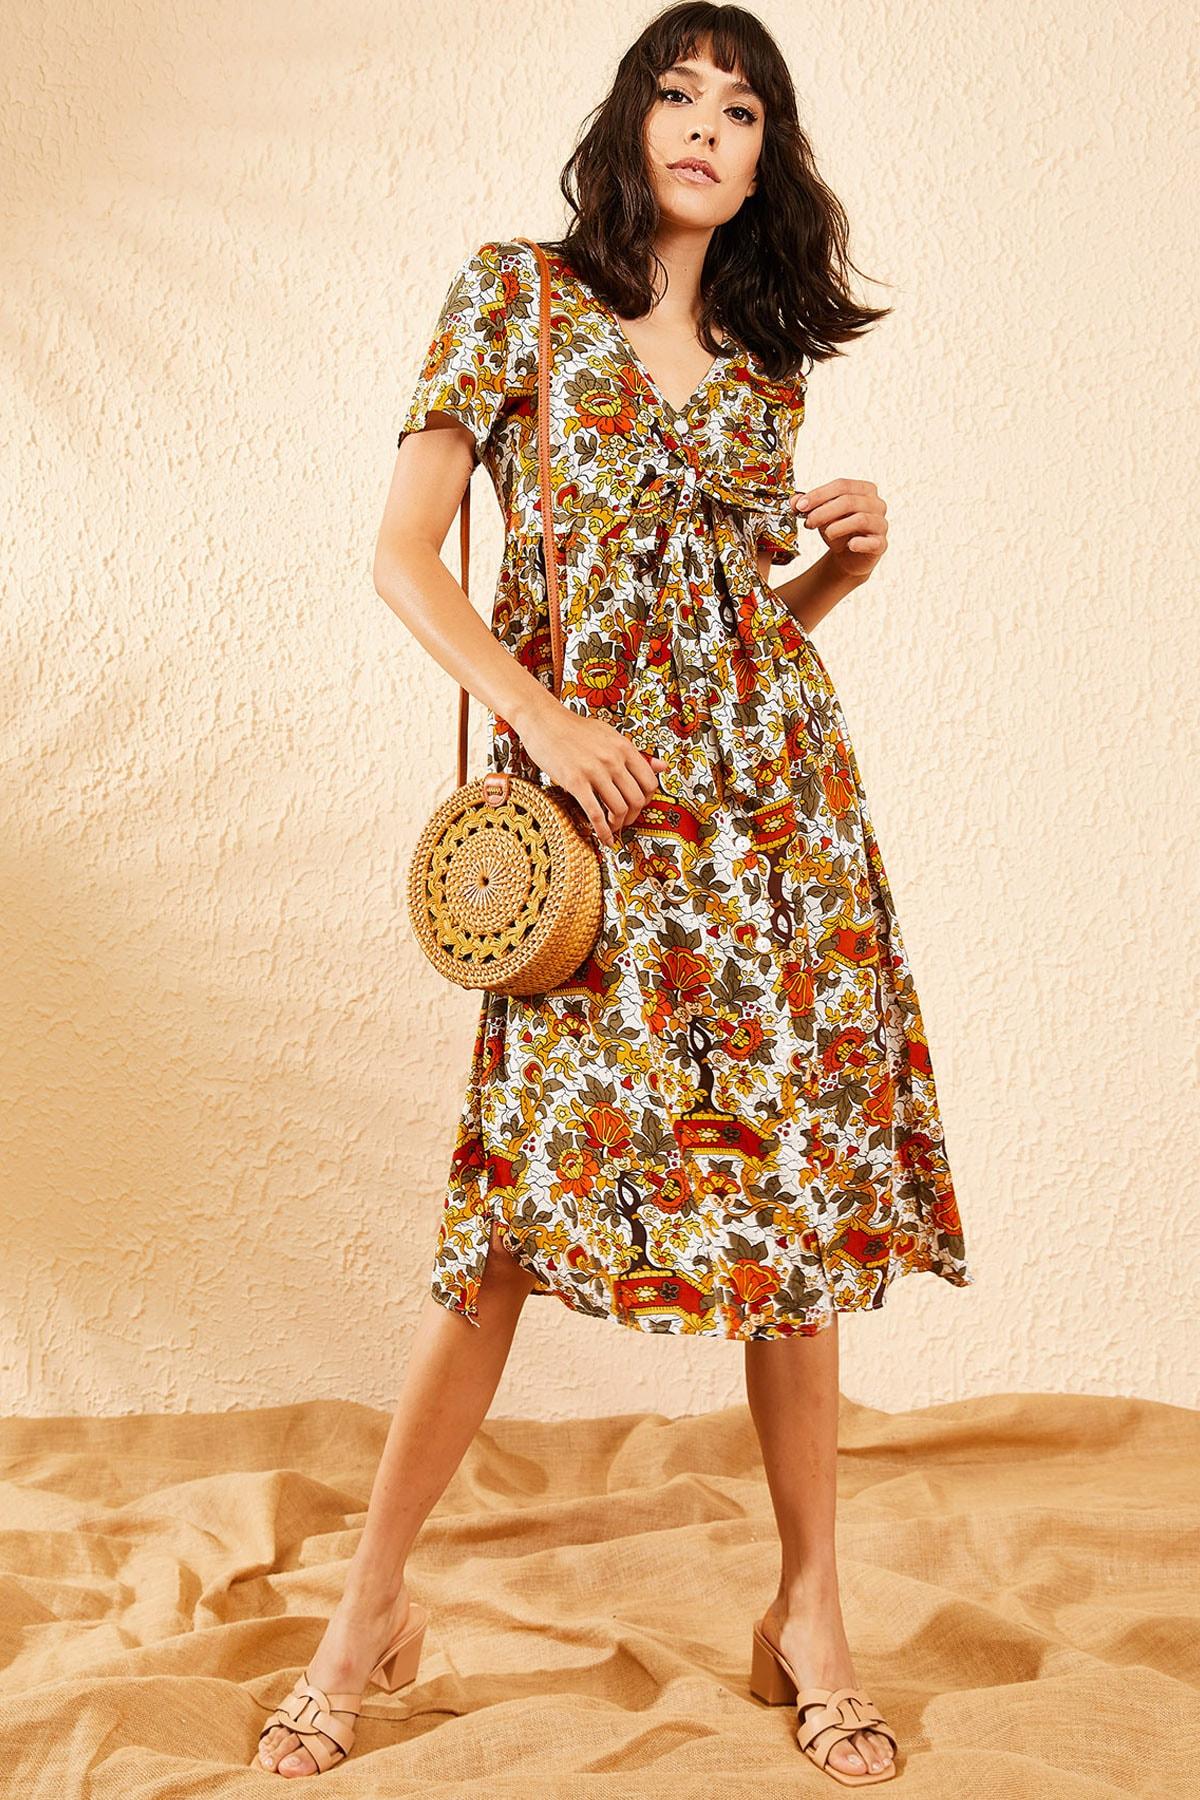 Bianco Lucci Kadın Beyaz Multi Çiçek Desenli Düğme Detaylı Uzun Gömlek  Elbise 10081006 3